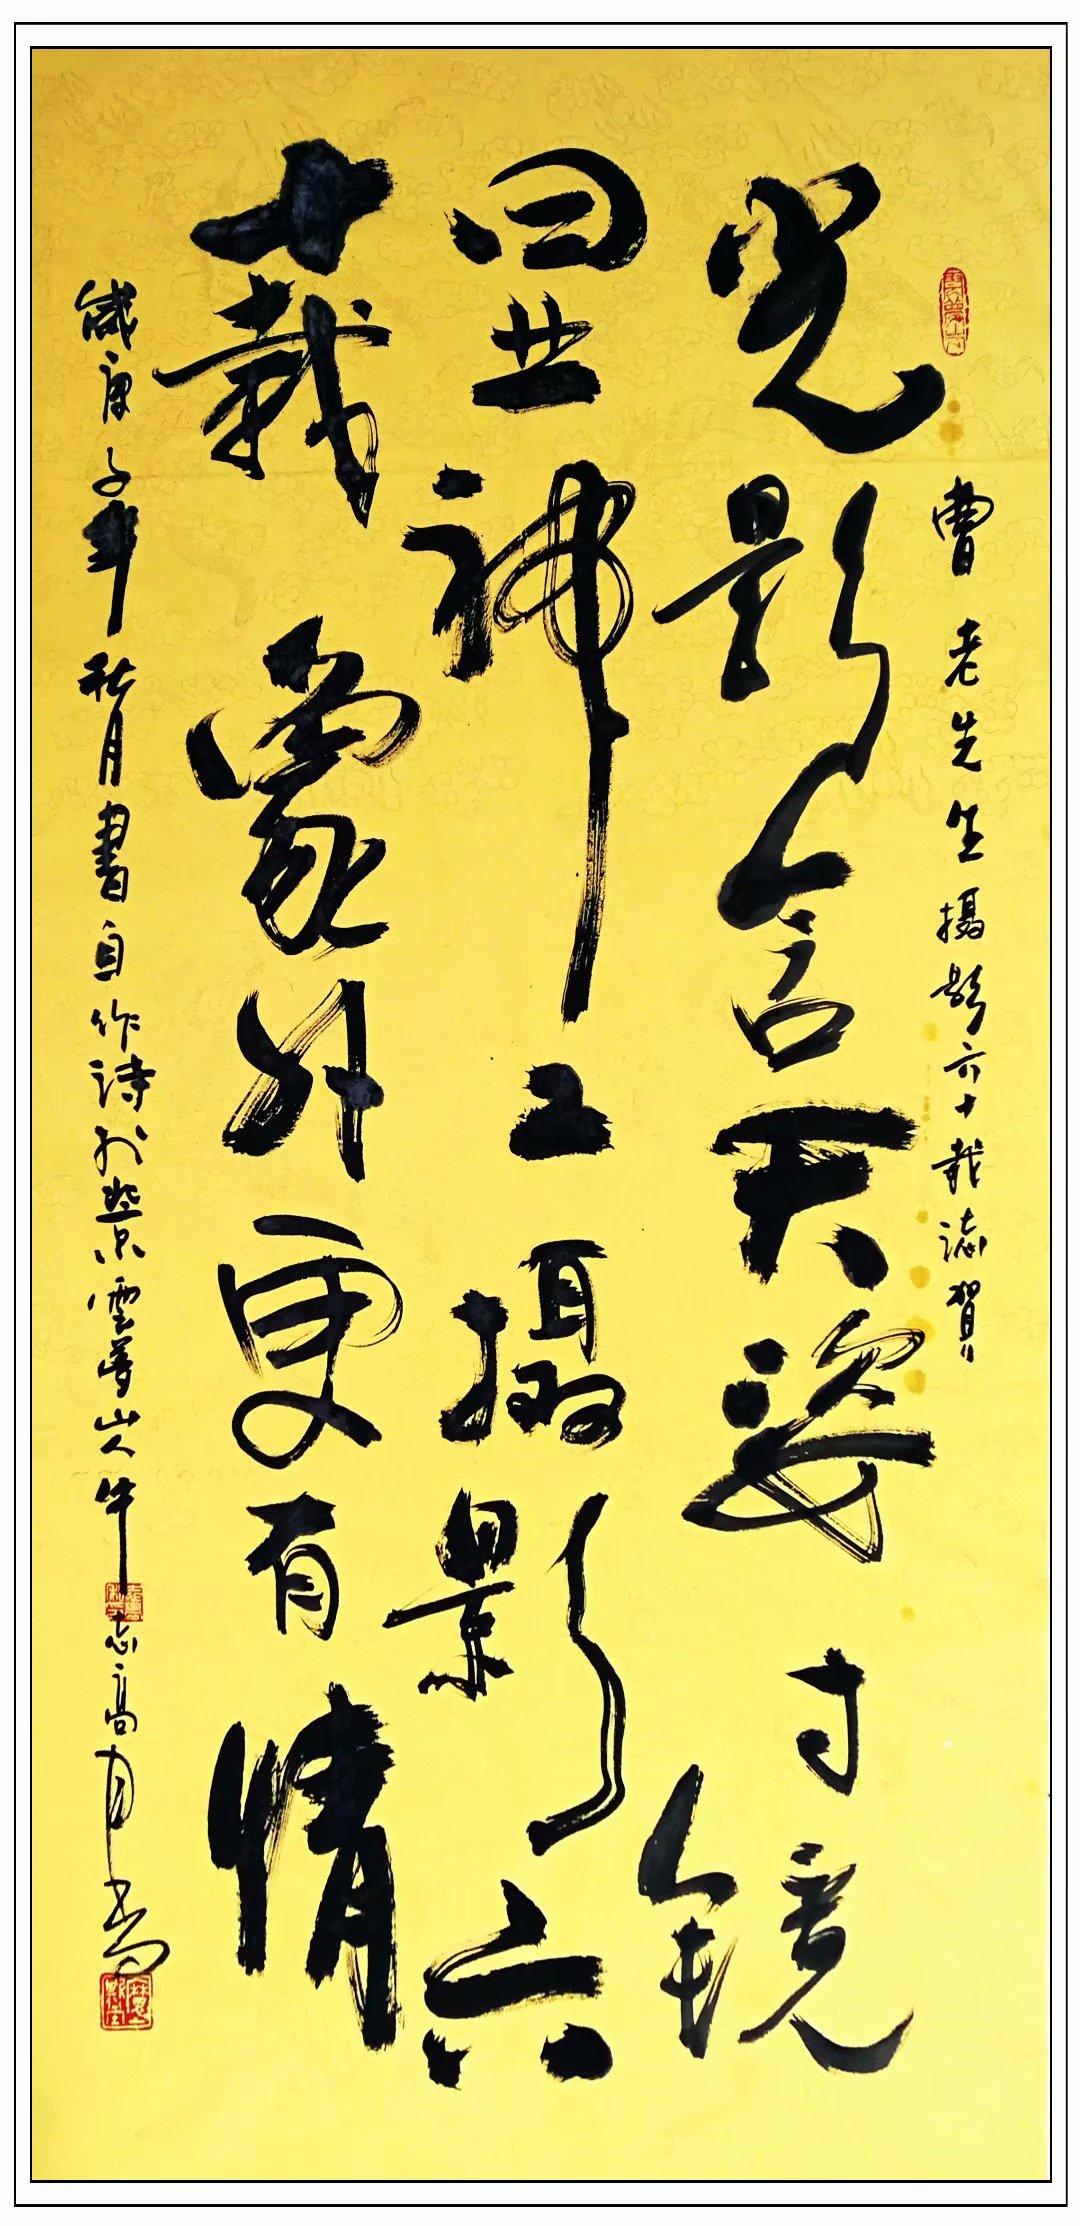 牛志高书法----2020.11.25_图1-1